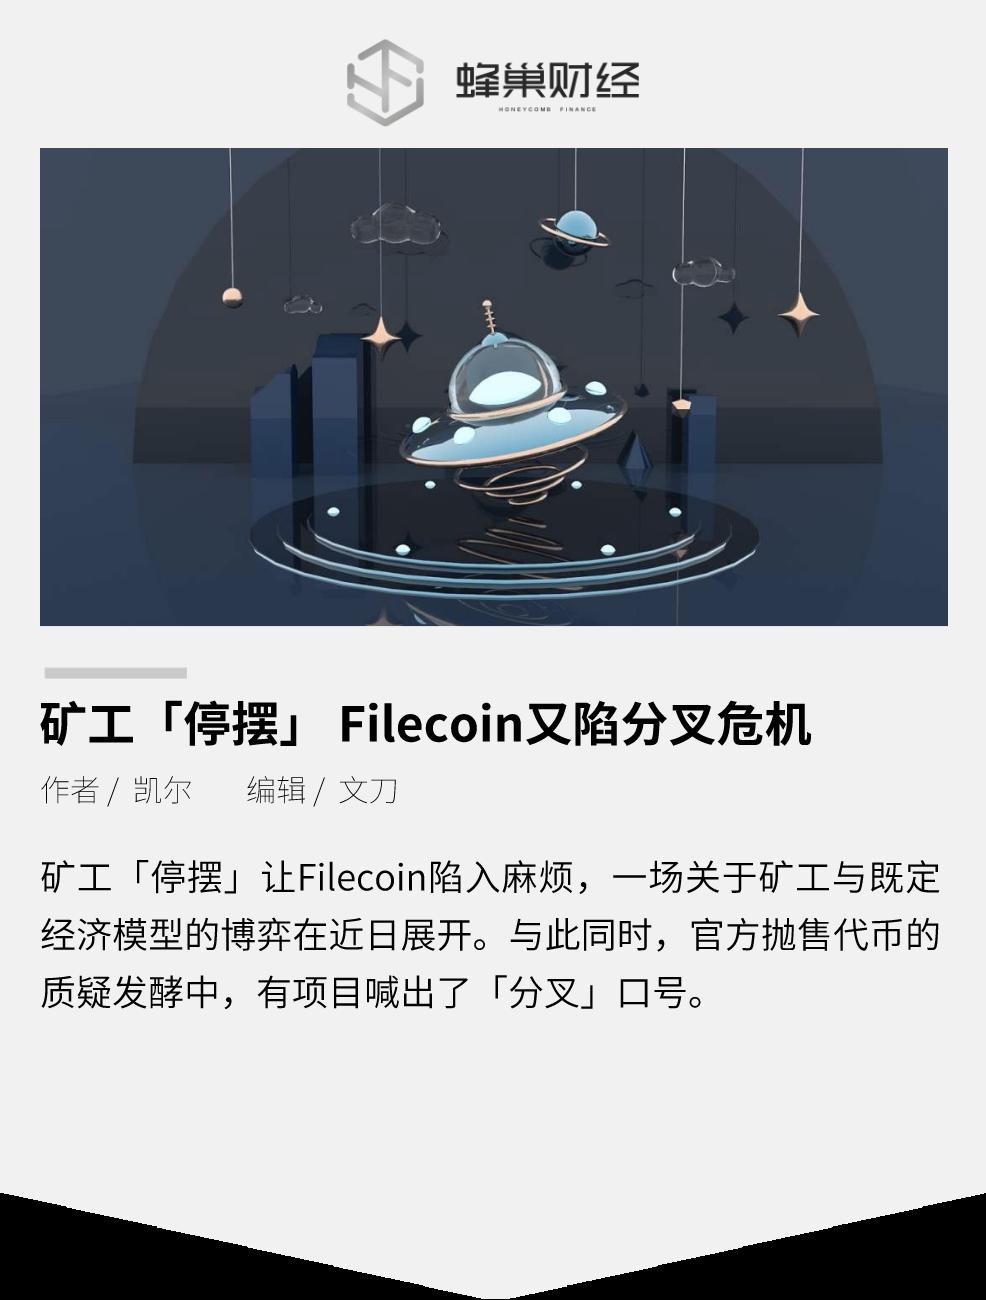 矿工「停摆」,Filecoin又陷分叉危机